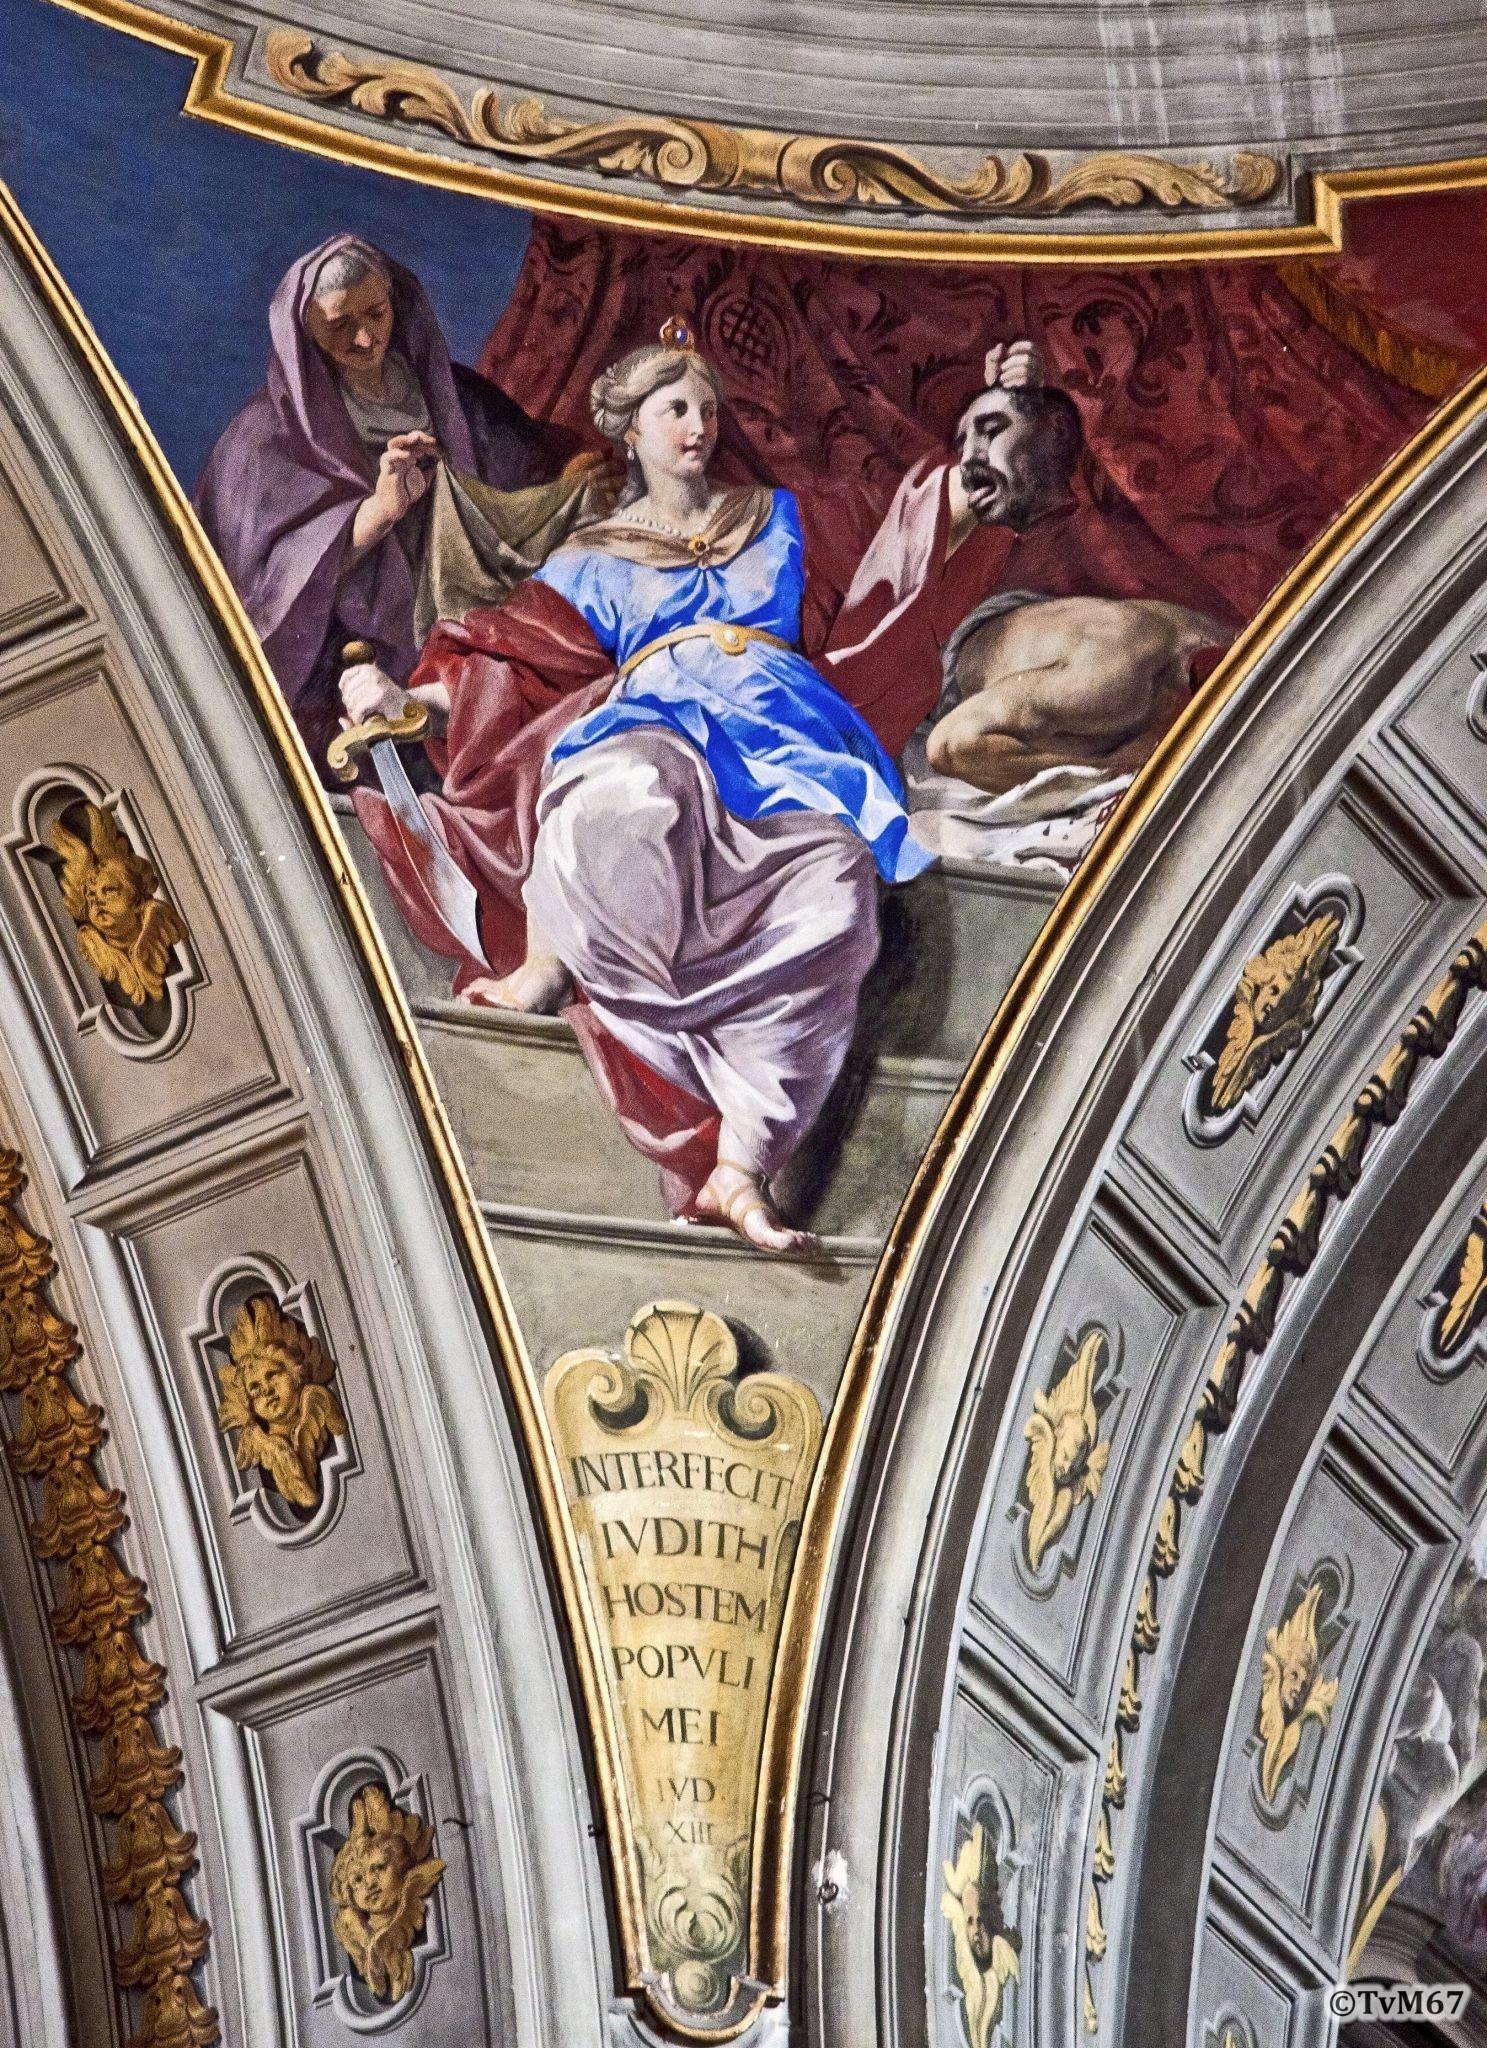 Roma, Chiesa di Sant'Ignazio, Koepel, Pendentief, Pozzo, Judith, 2011